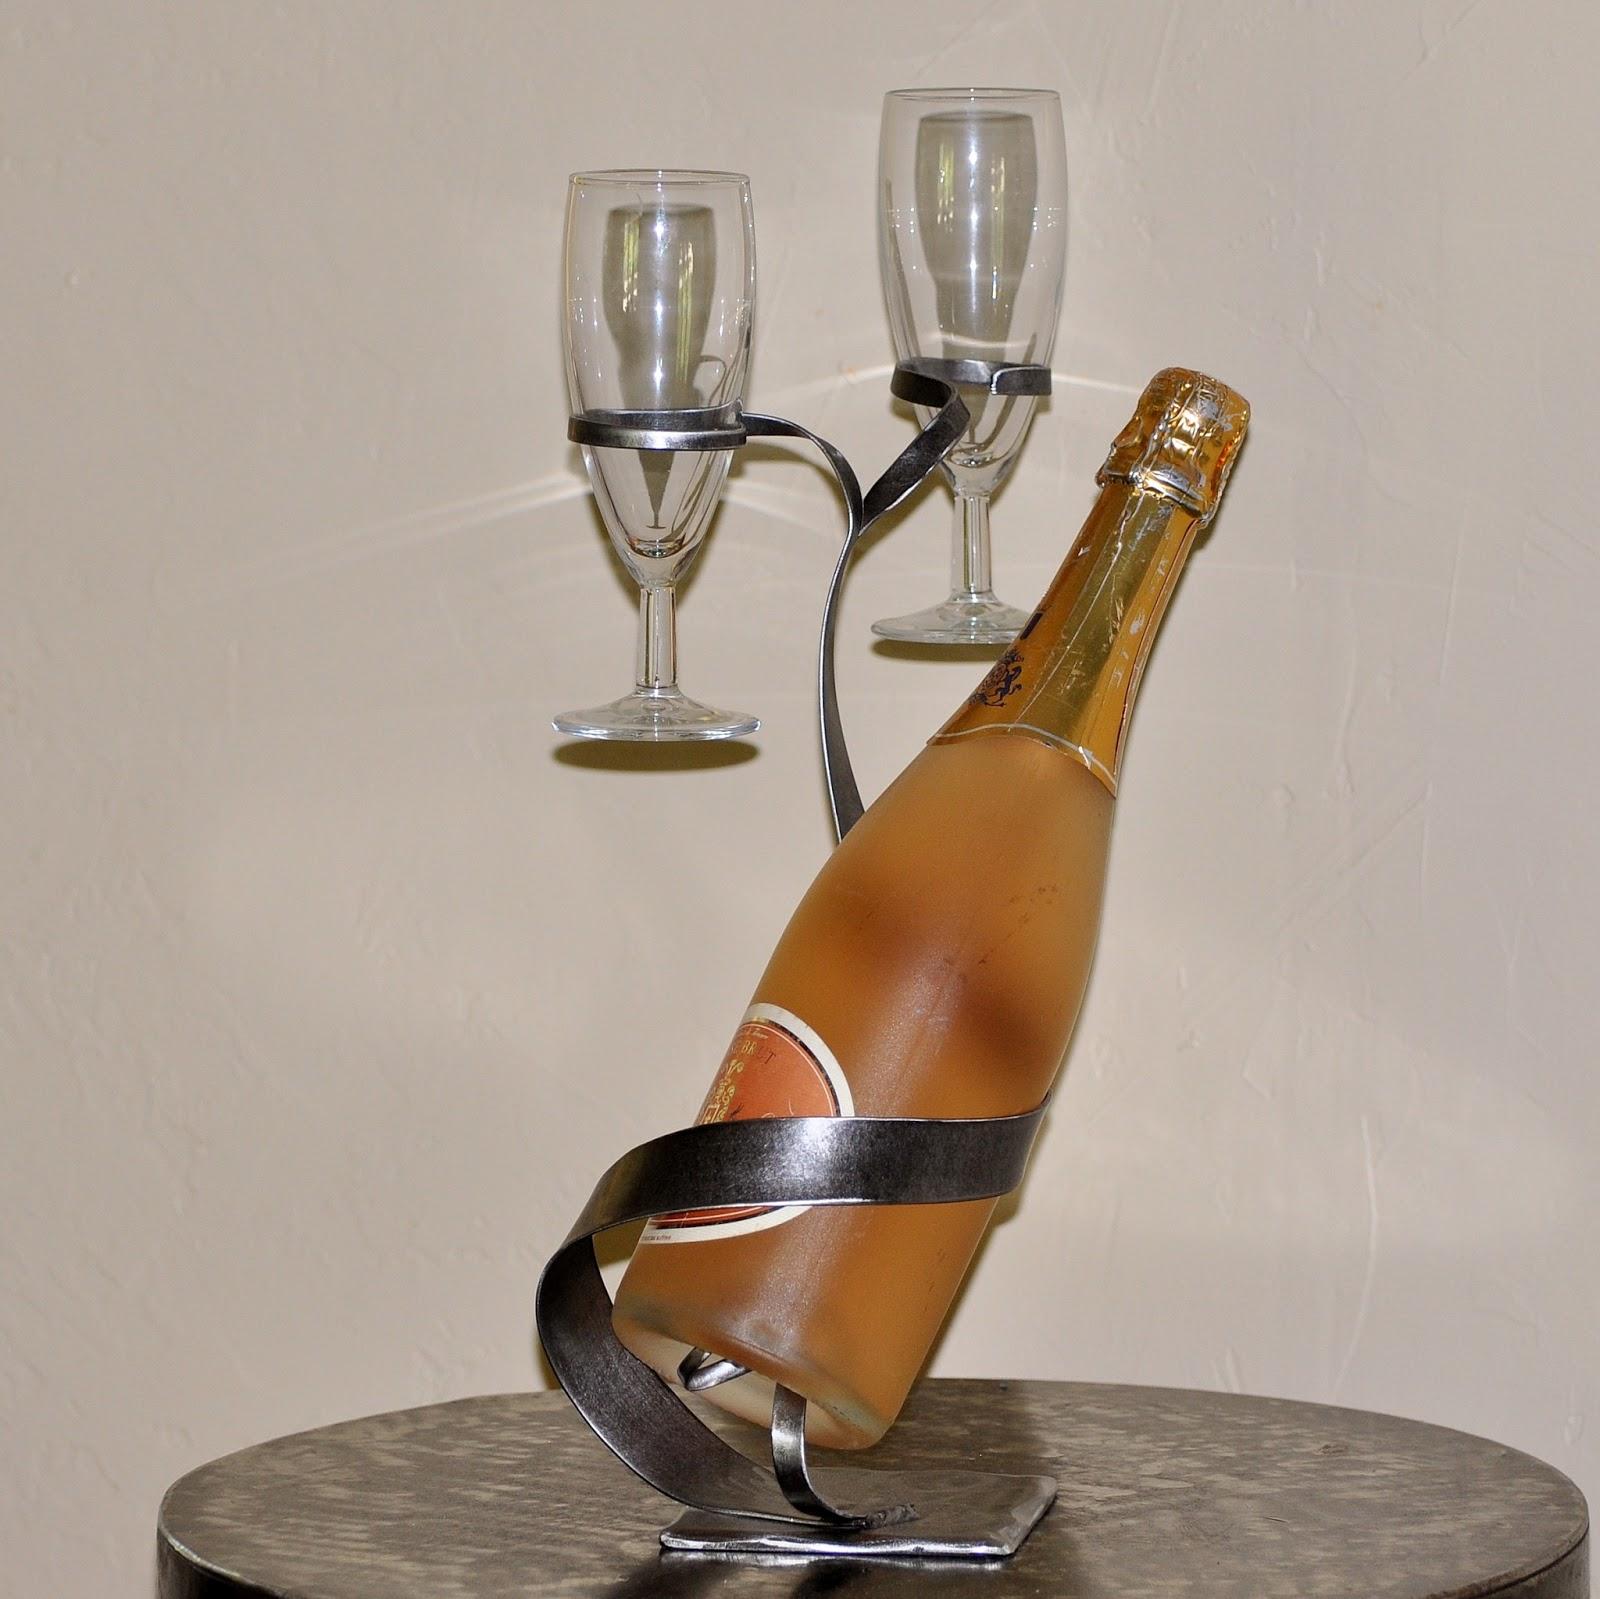 createur d objets deco en fer forge bougeoirs luminaires porte bouteille